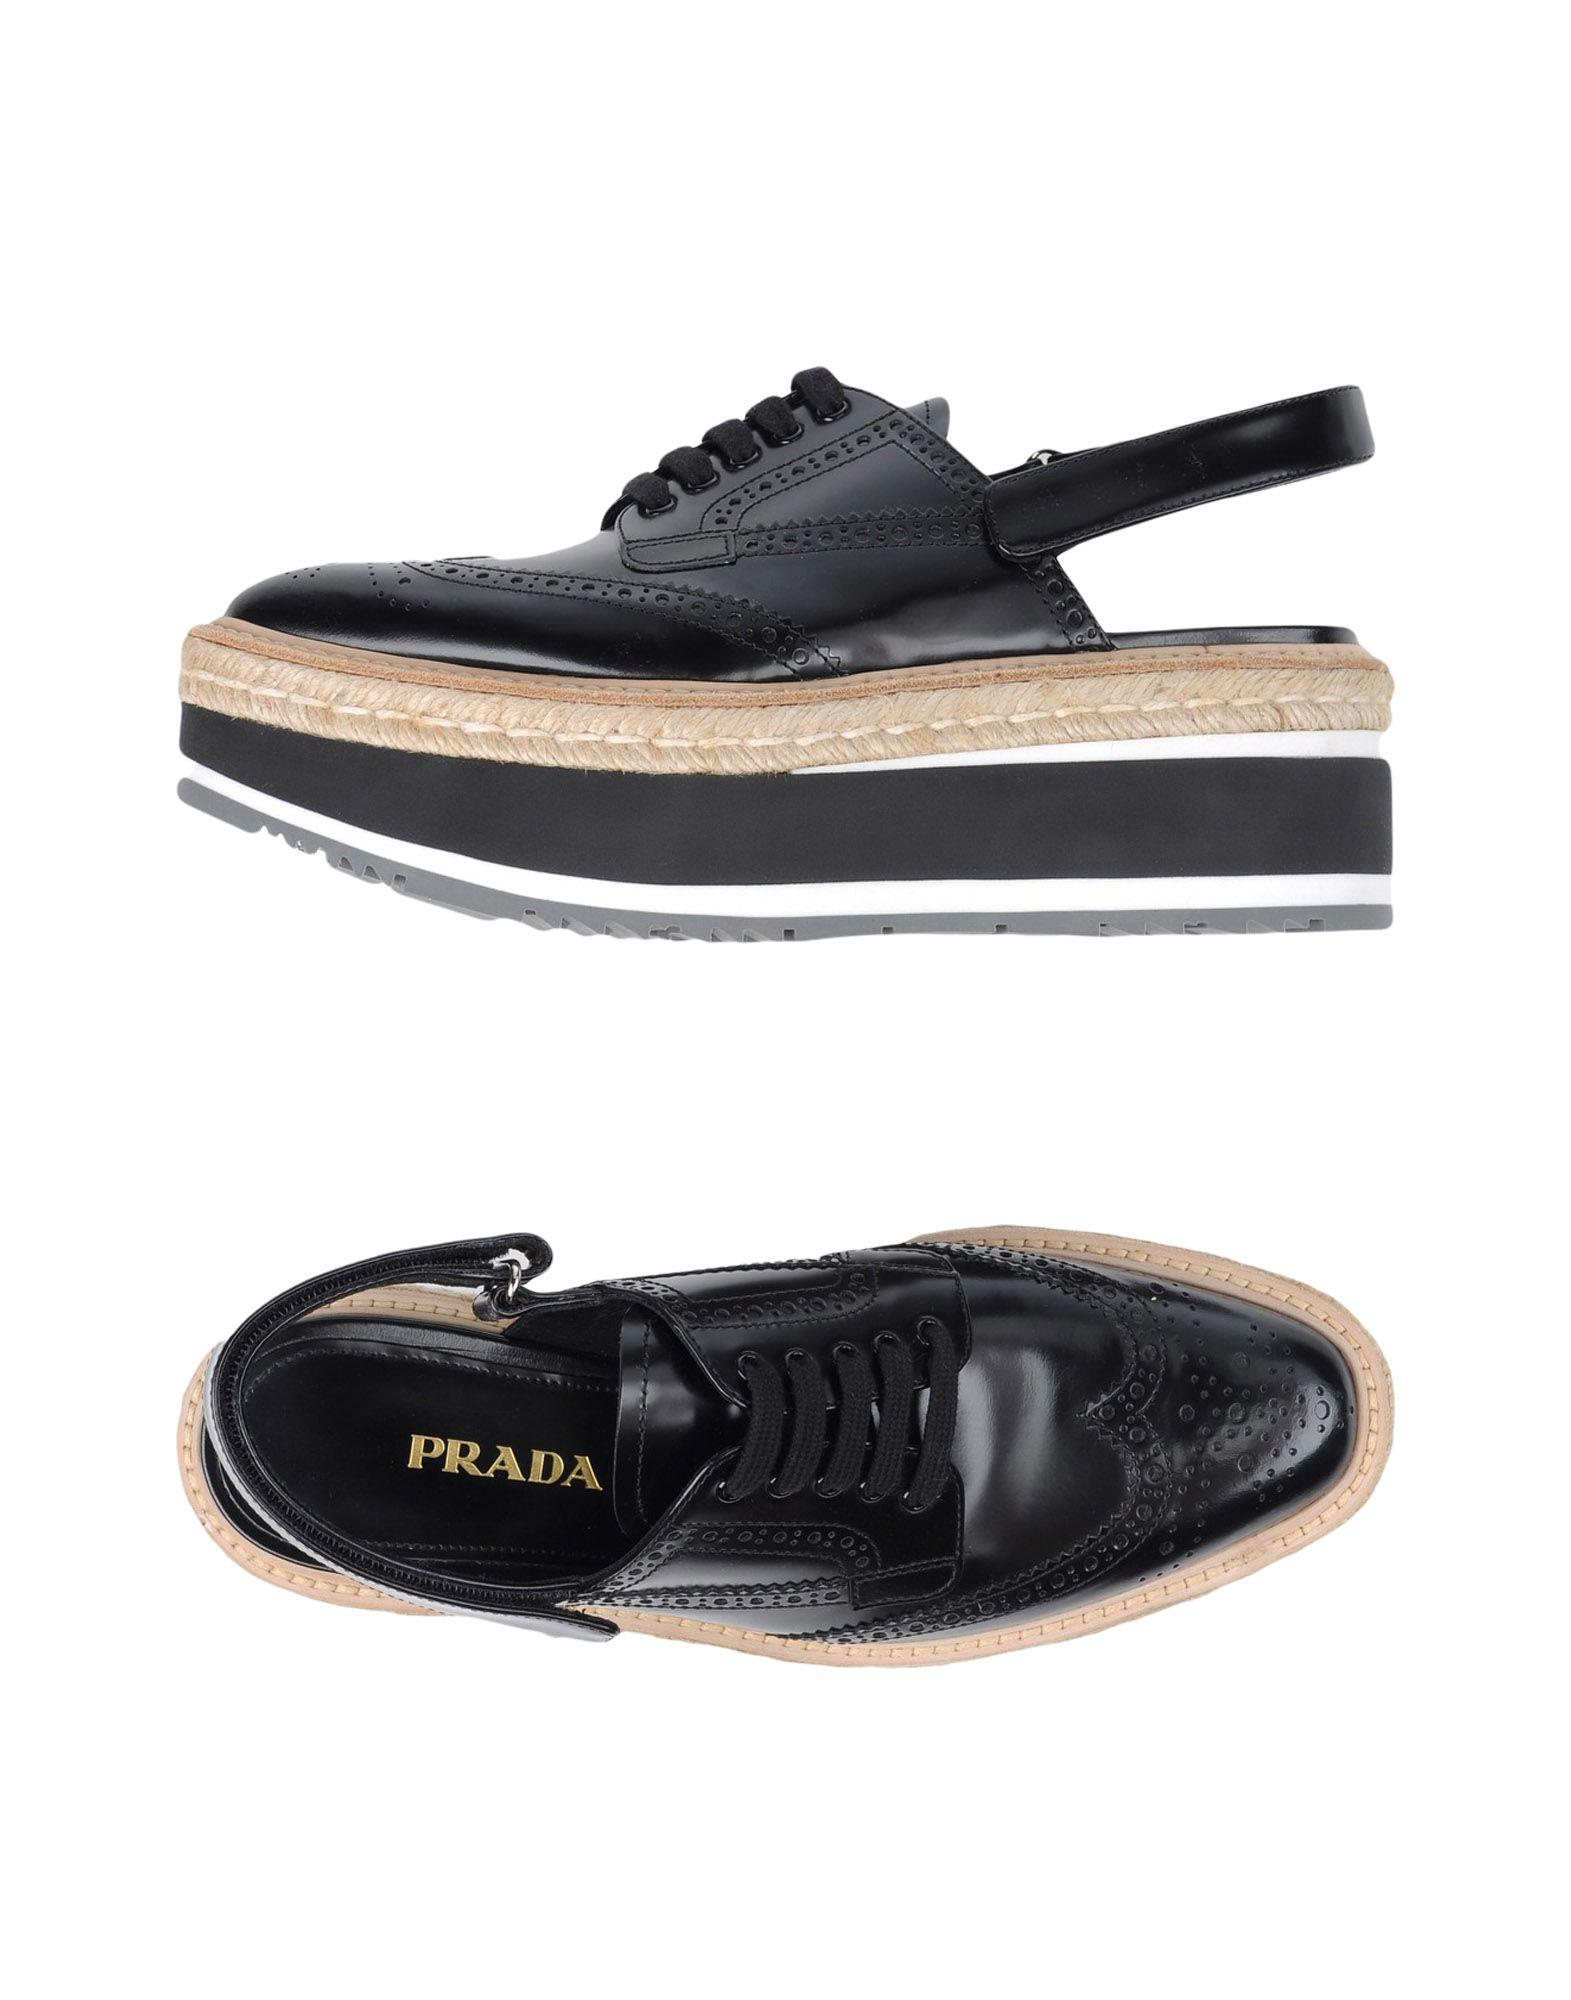 7609cc797b07d Chaussures À Lacets Prada Femme Chaussures À Lacets Prada sur ...